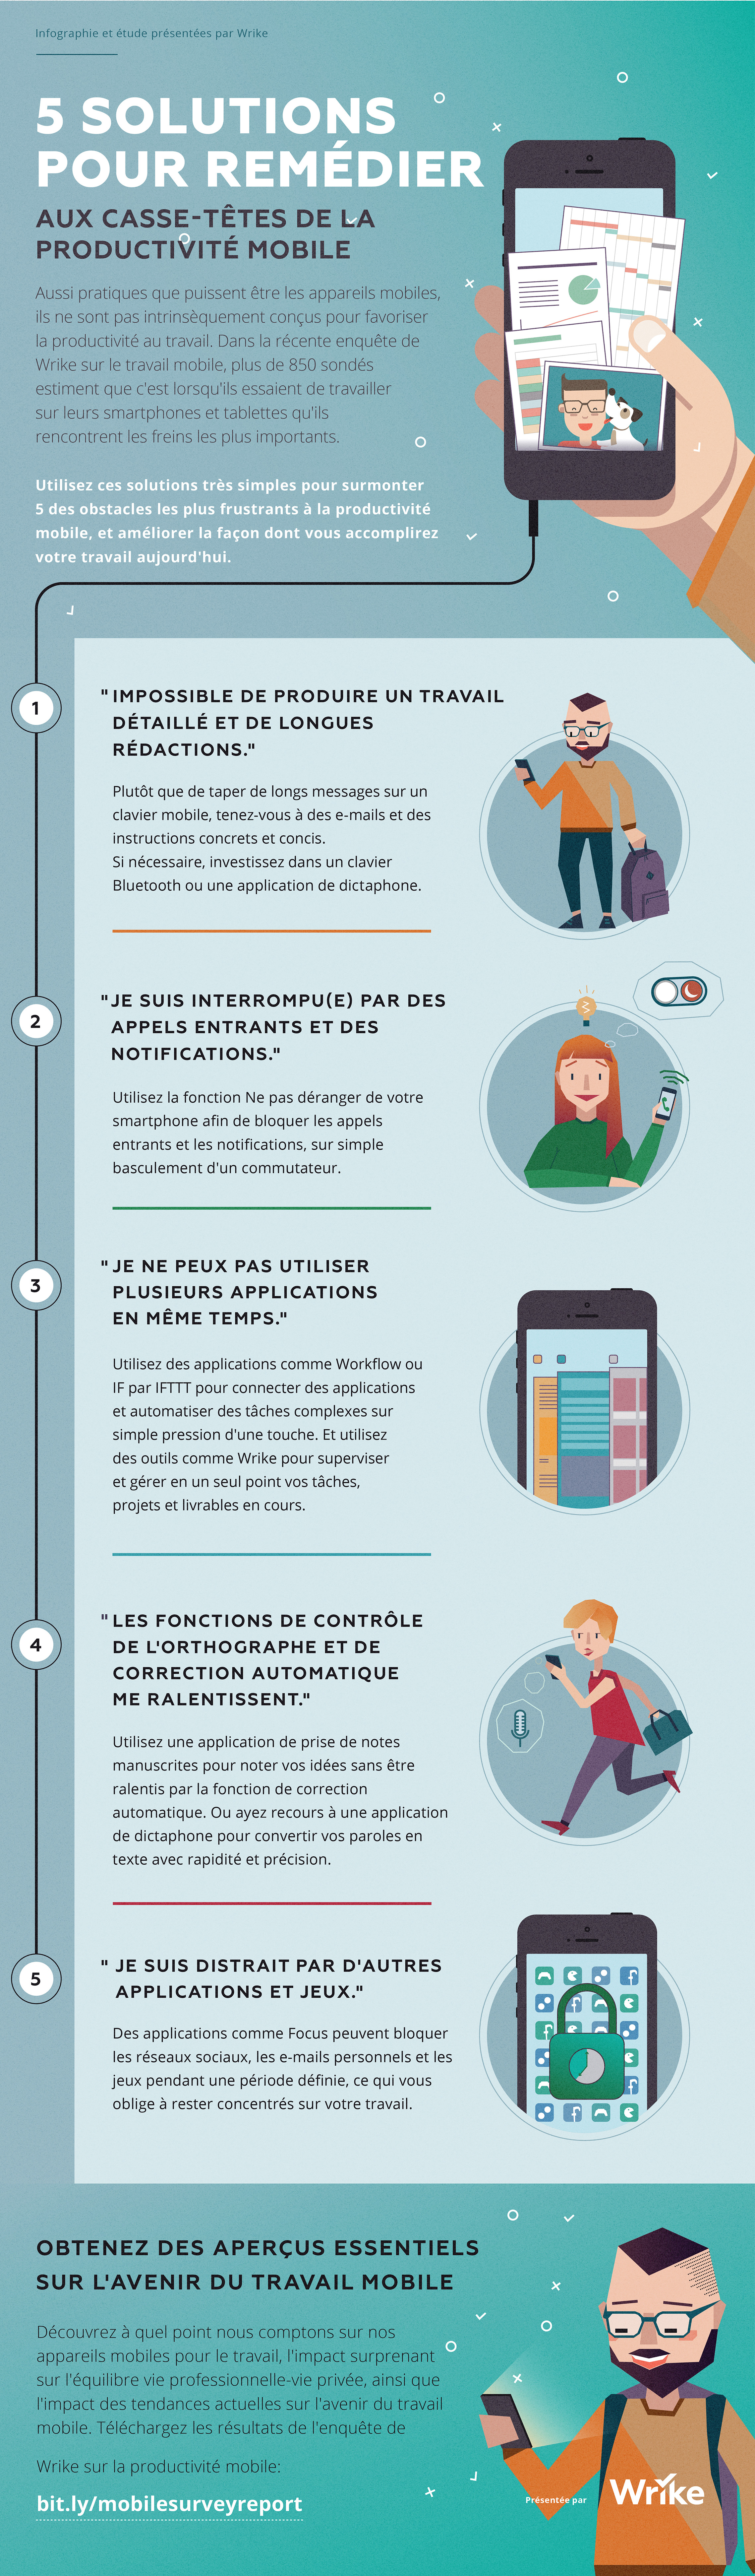 5 solutions pour remédier les casse-têtes de la productivité mobile (Infographie)